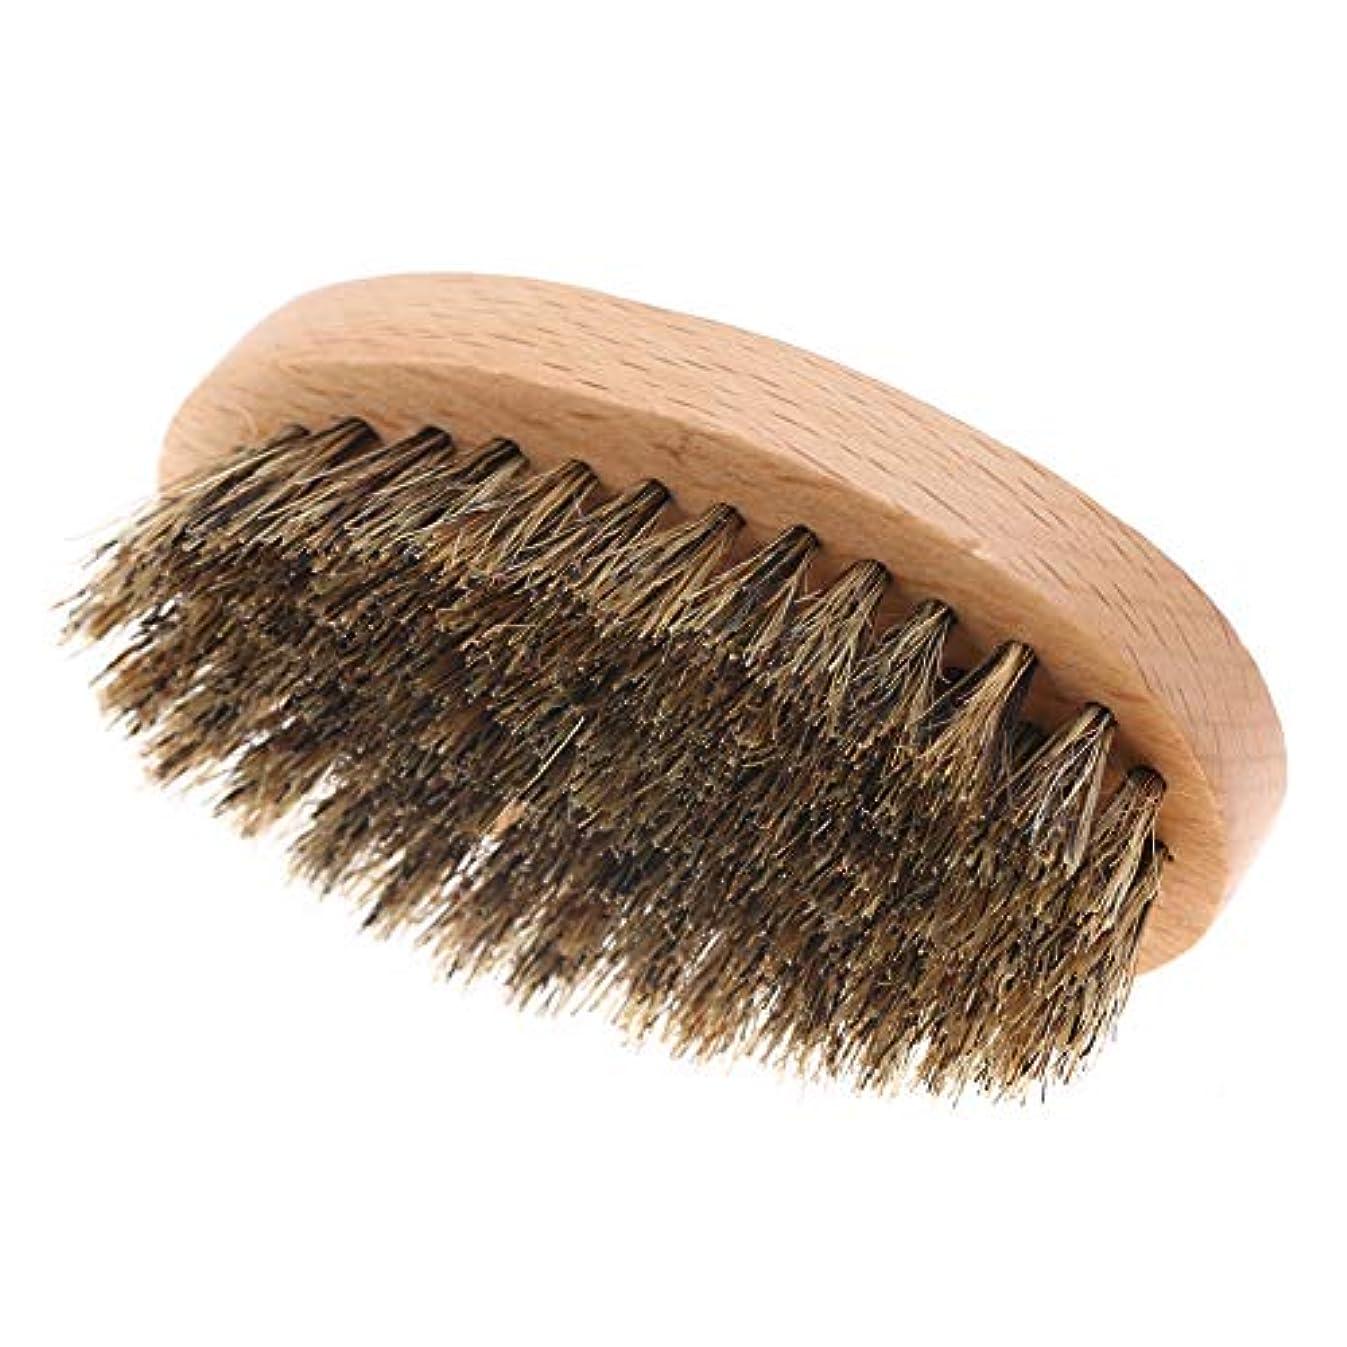 フィヨルドスイス人節約男性のひげのブラシ、口ひげの櫛男性の顔の髪のクリーニングブラシひげ楕円形のひげシェービングマッサージブラシ